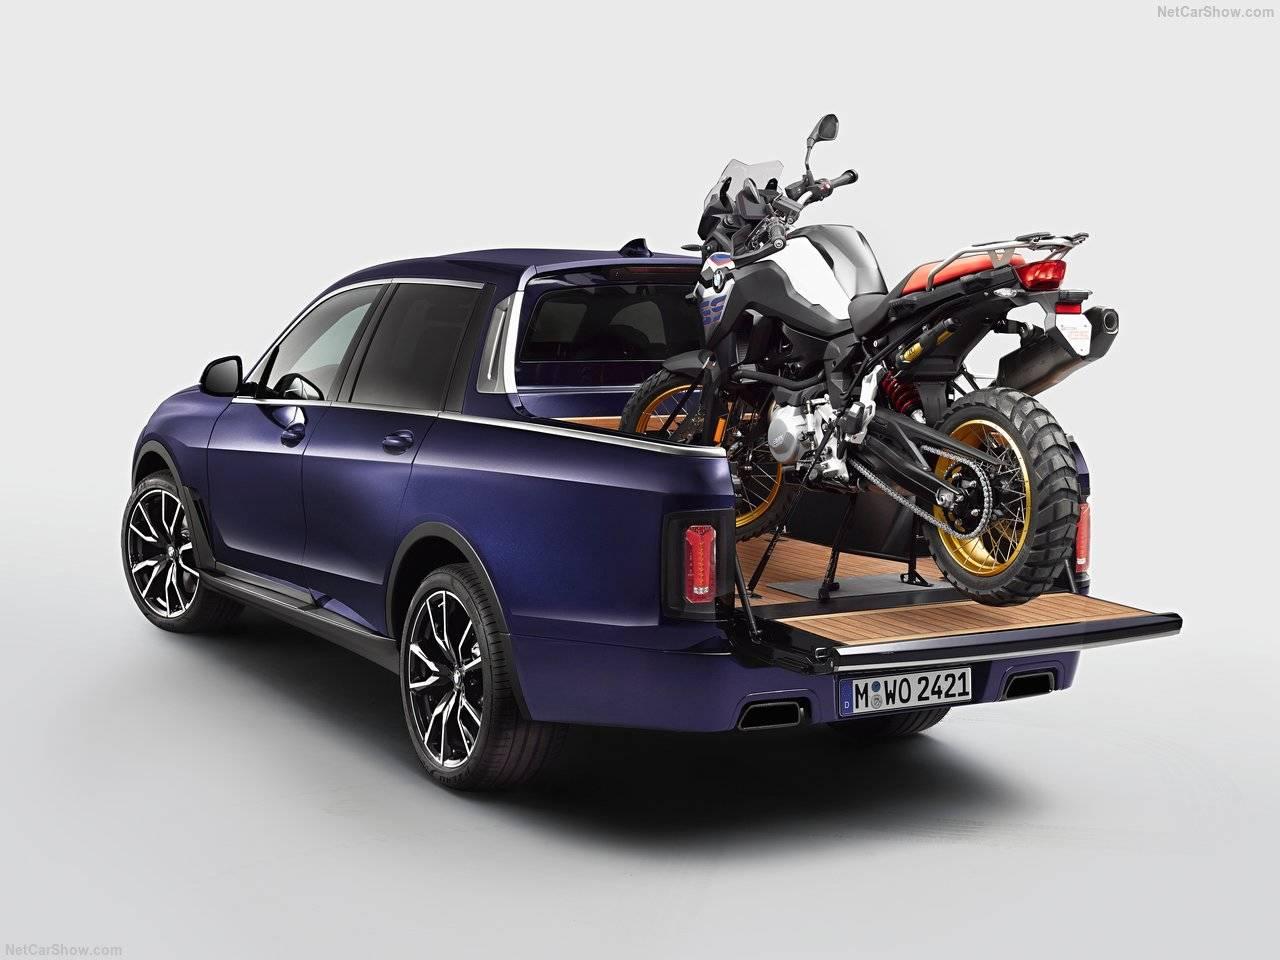 面白い!BMW X7にピックアップコンセプトが公開されました。